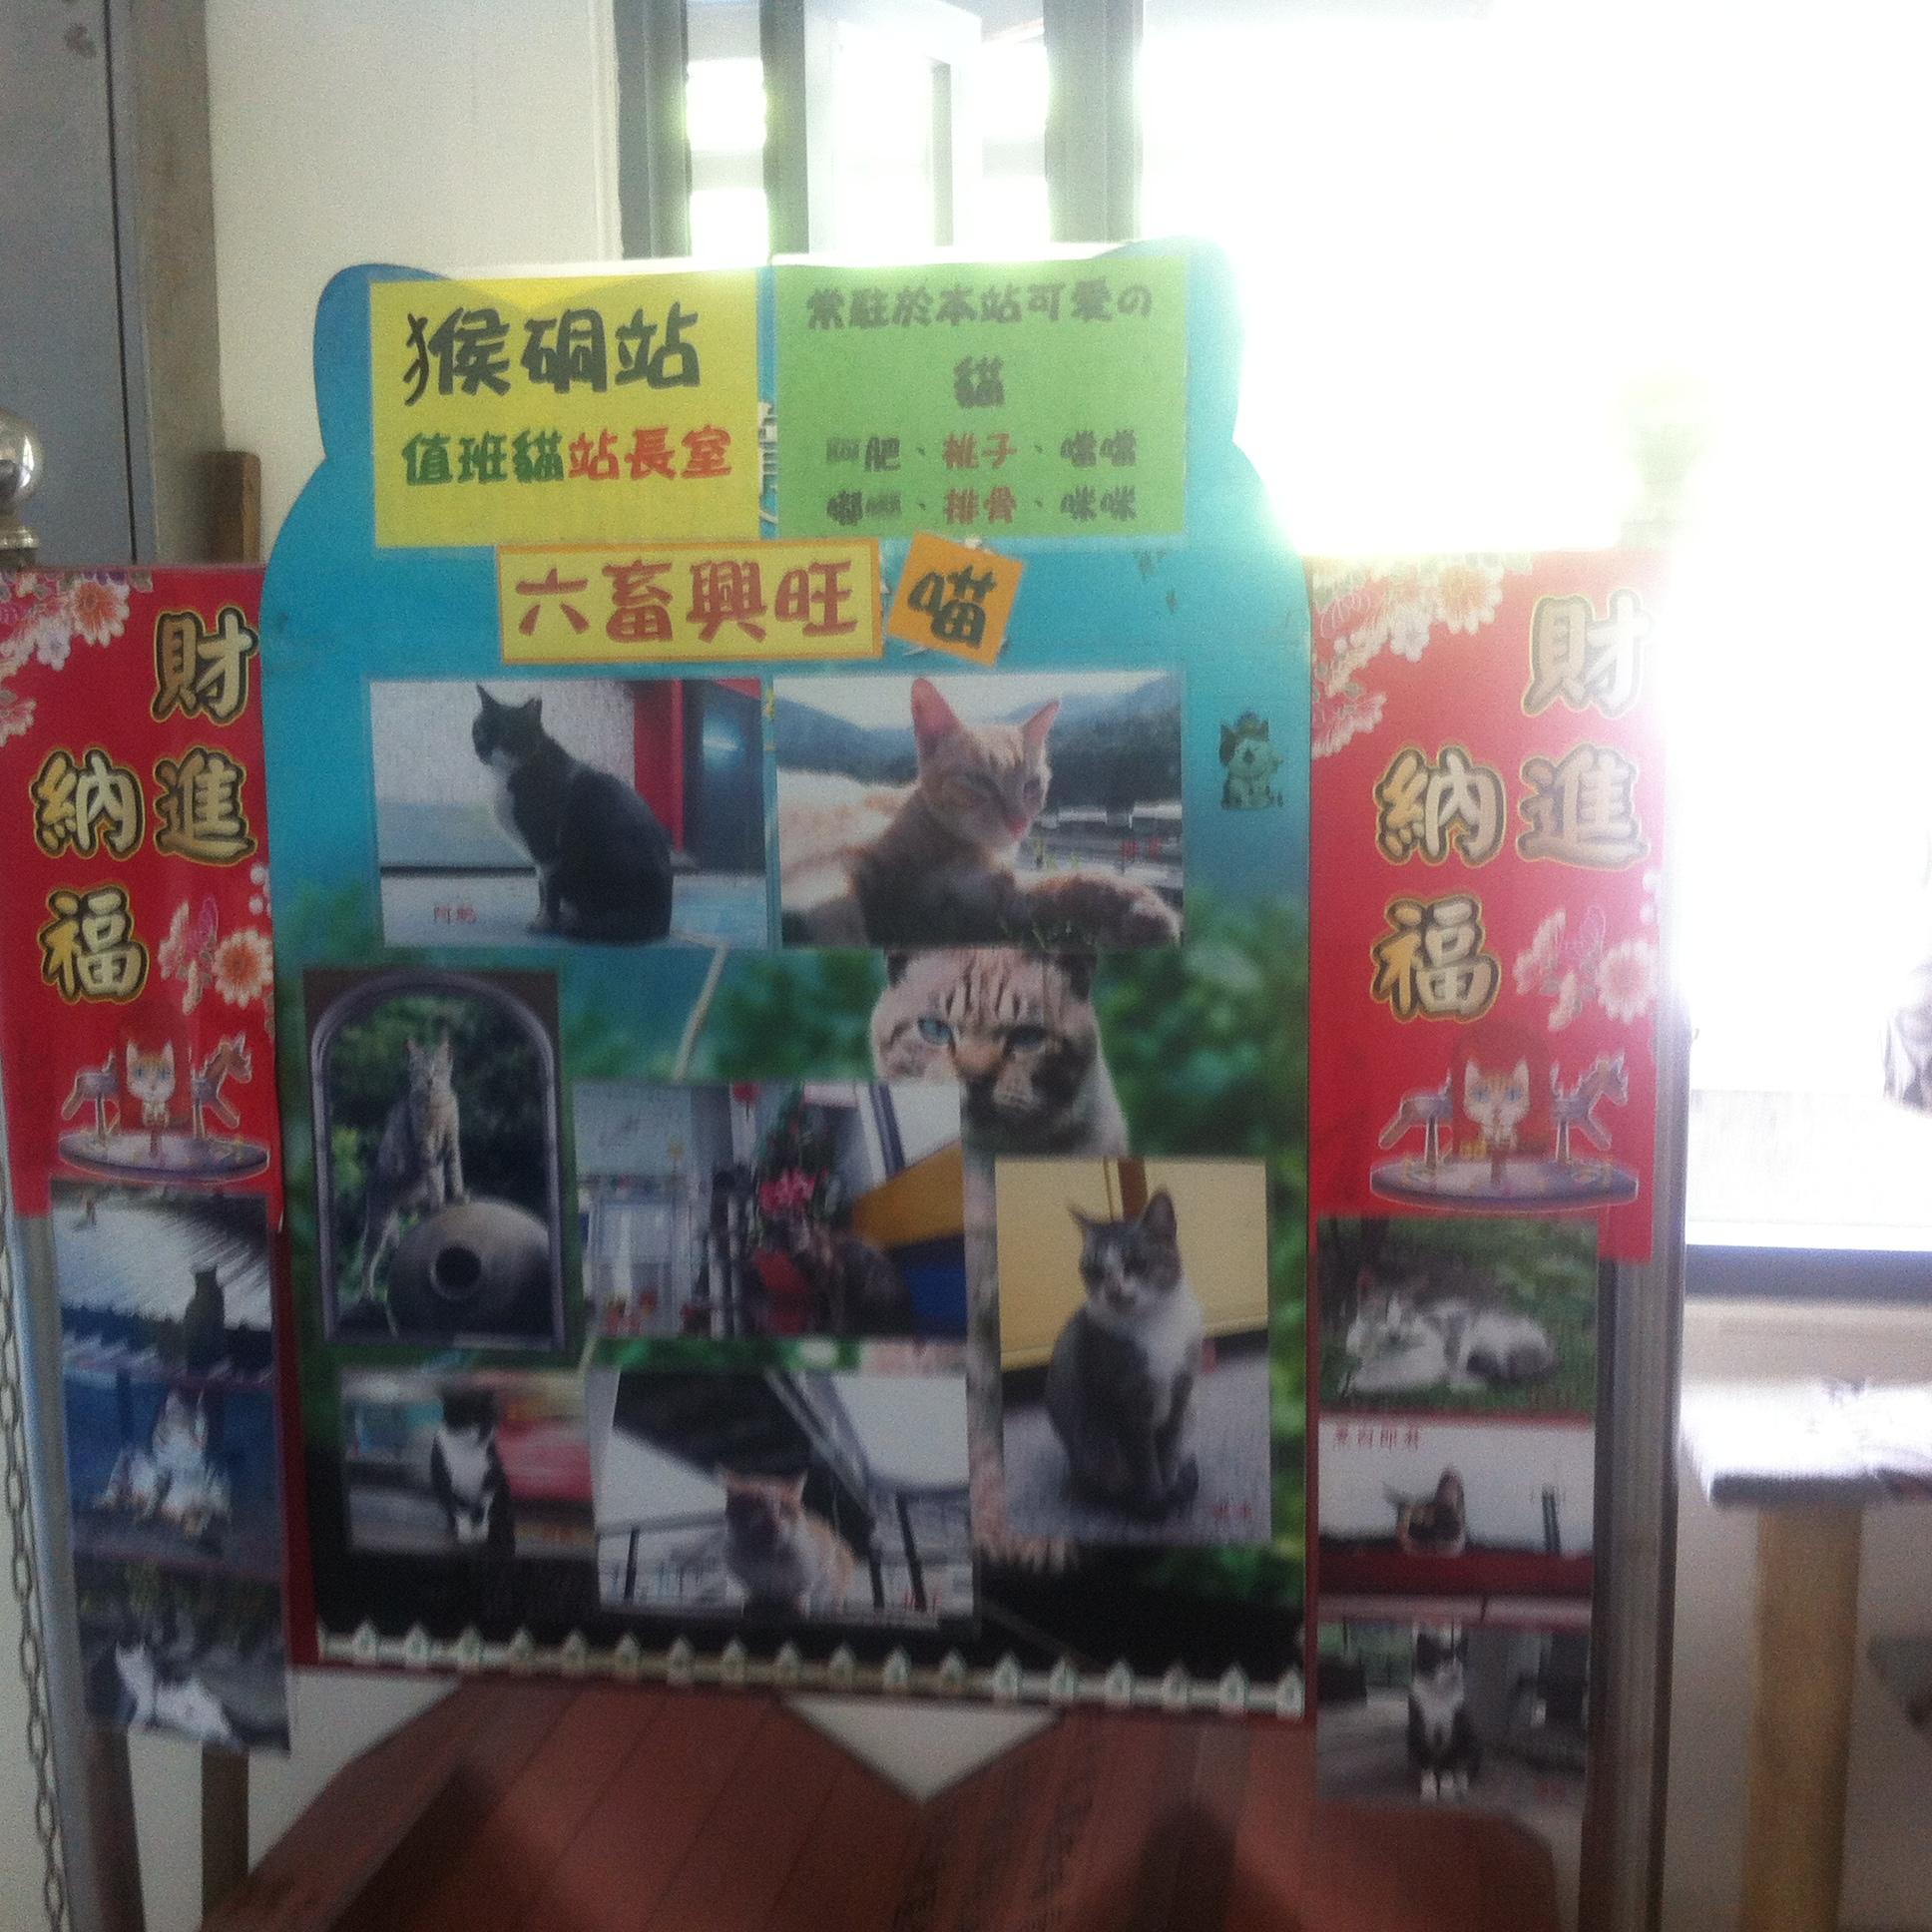 【猫好き】猫がたくさんいる猫村「猴硐駅周辺」に行ってみた♪